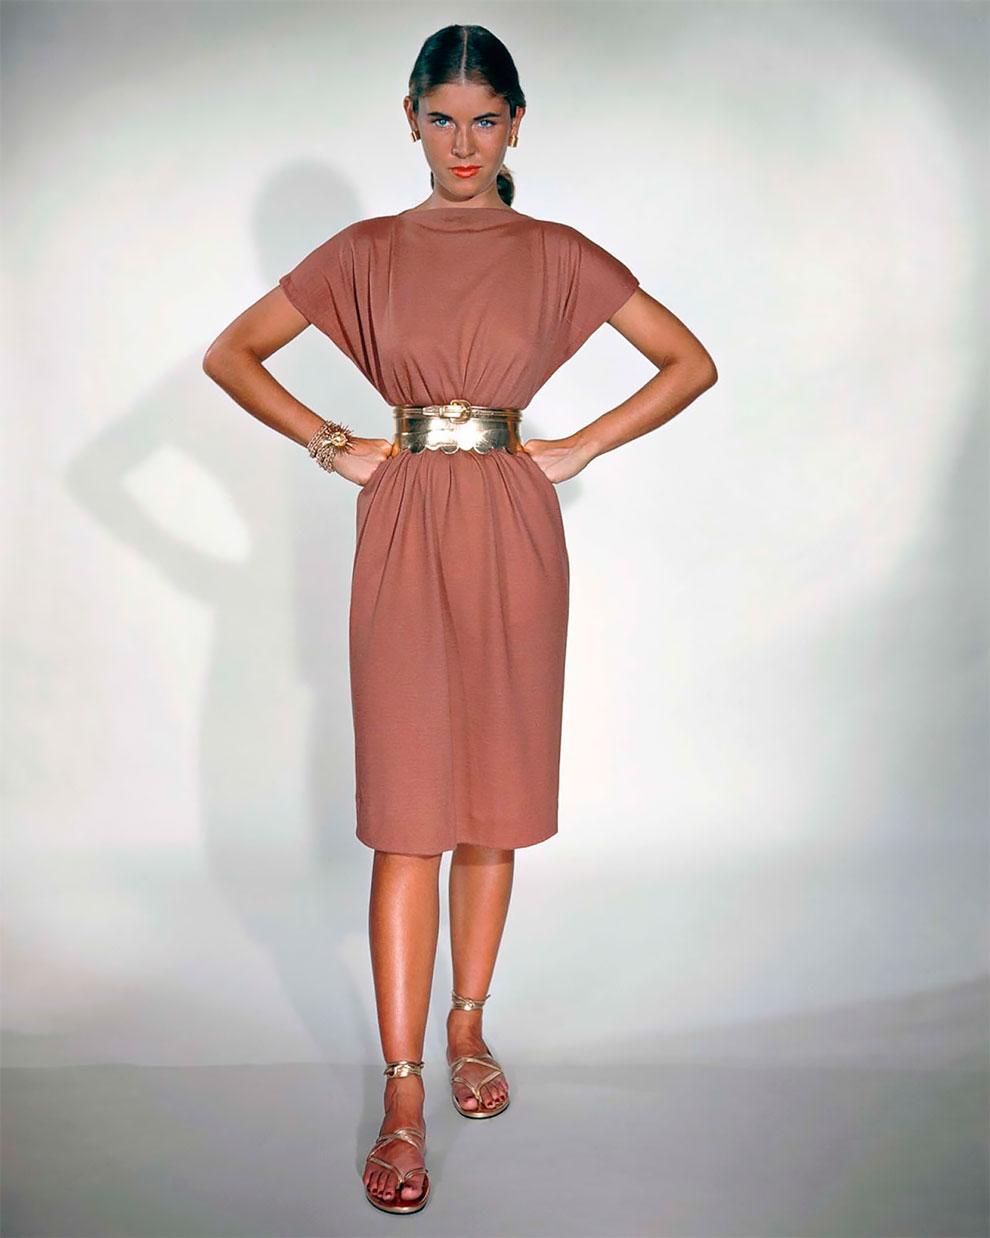 В потрясающих цветах фото Женевьевы Нейлор, 1945-1959 (21).jpg